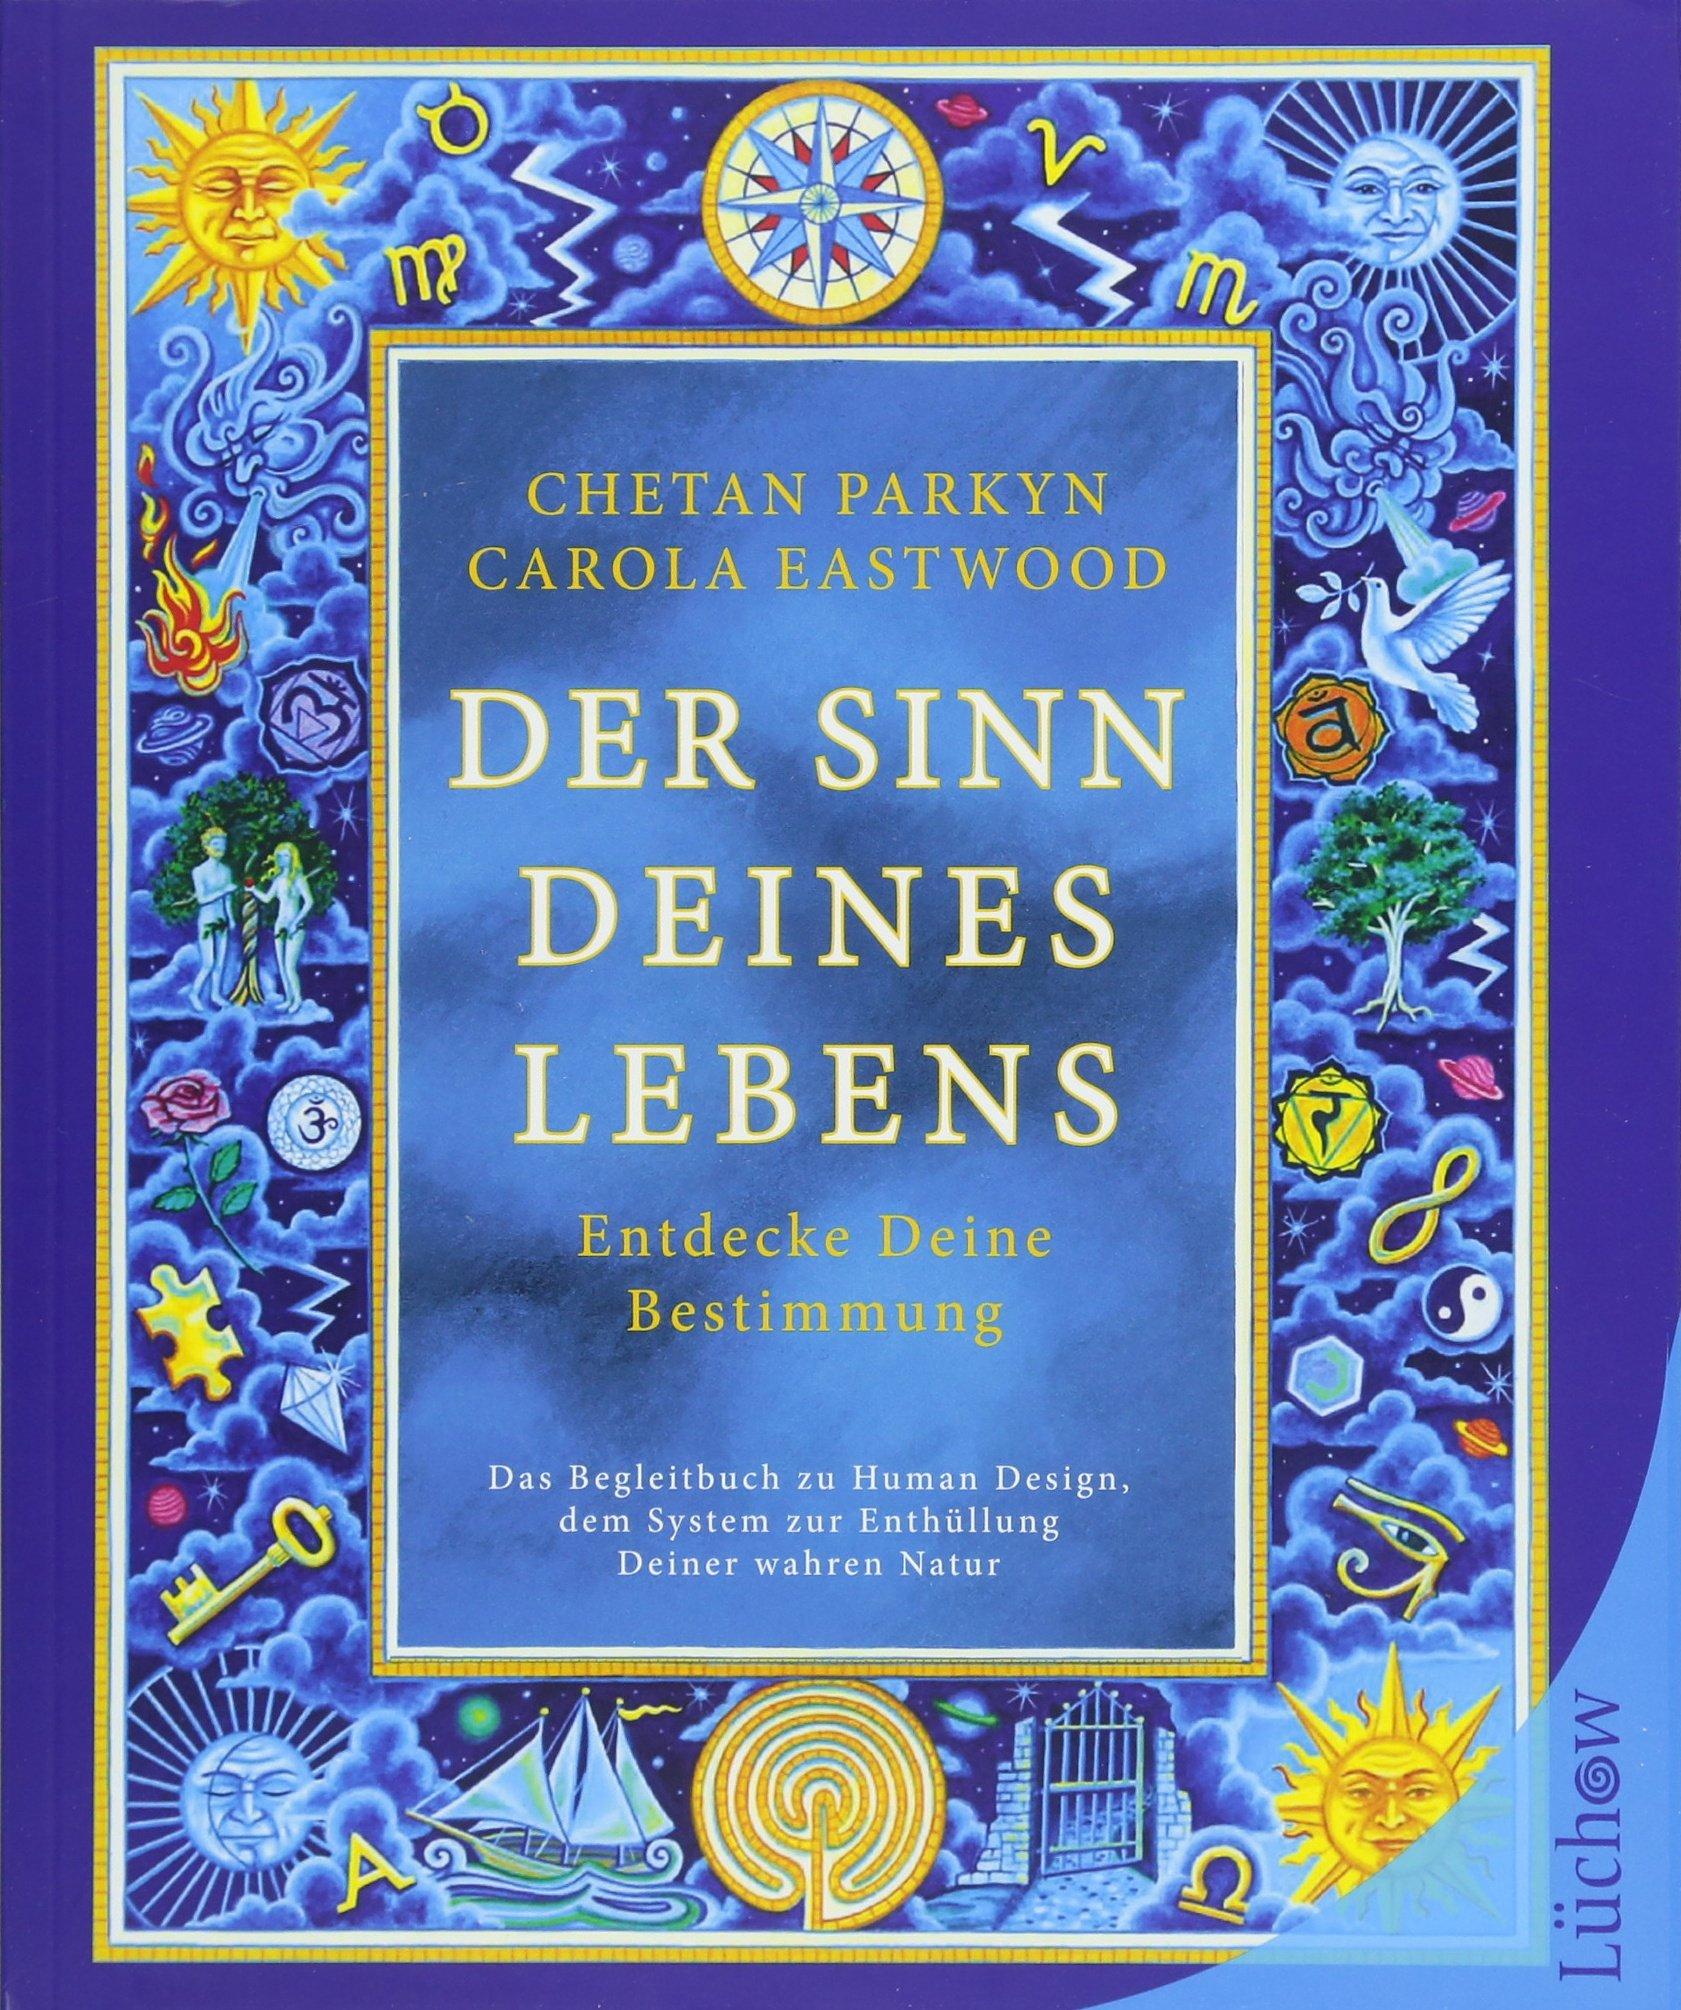 Der Sinn Deines Lebens: Entdecke Deine Bestimmung Taschenbuch – 4. Juni 2018 Chetan Parkyn Carola Eastwood Lüchow Verlag 3958832067